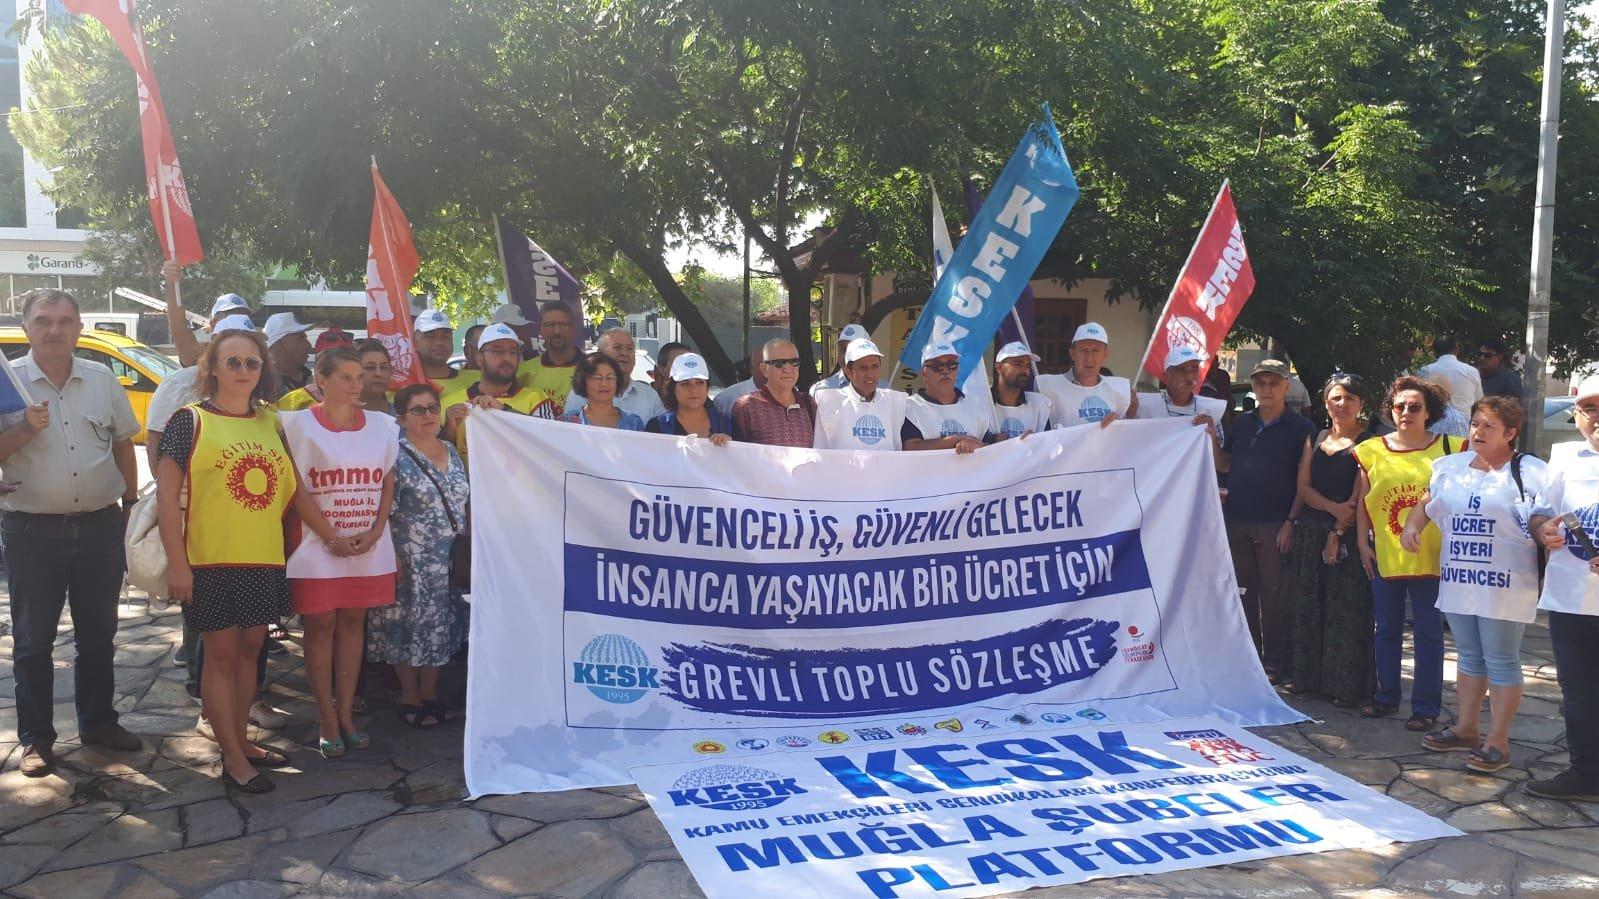 Toplu İş Sözleşmesi Taleplerimiz İçin 4 Koldan Ankara'ya Yürüyoruz!